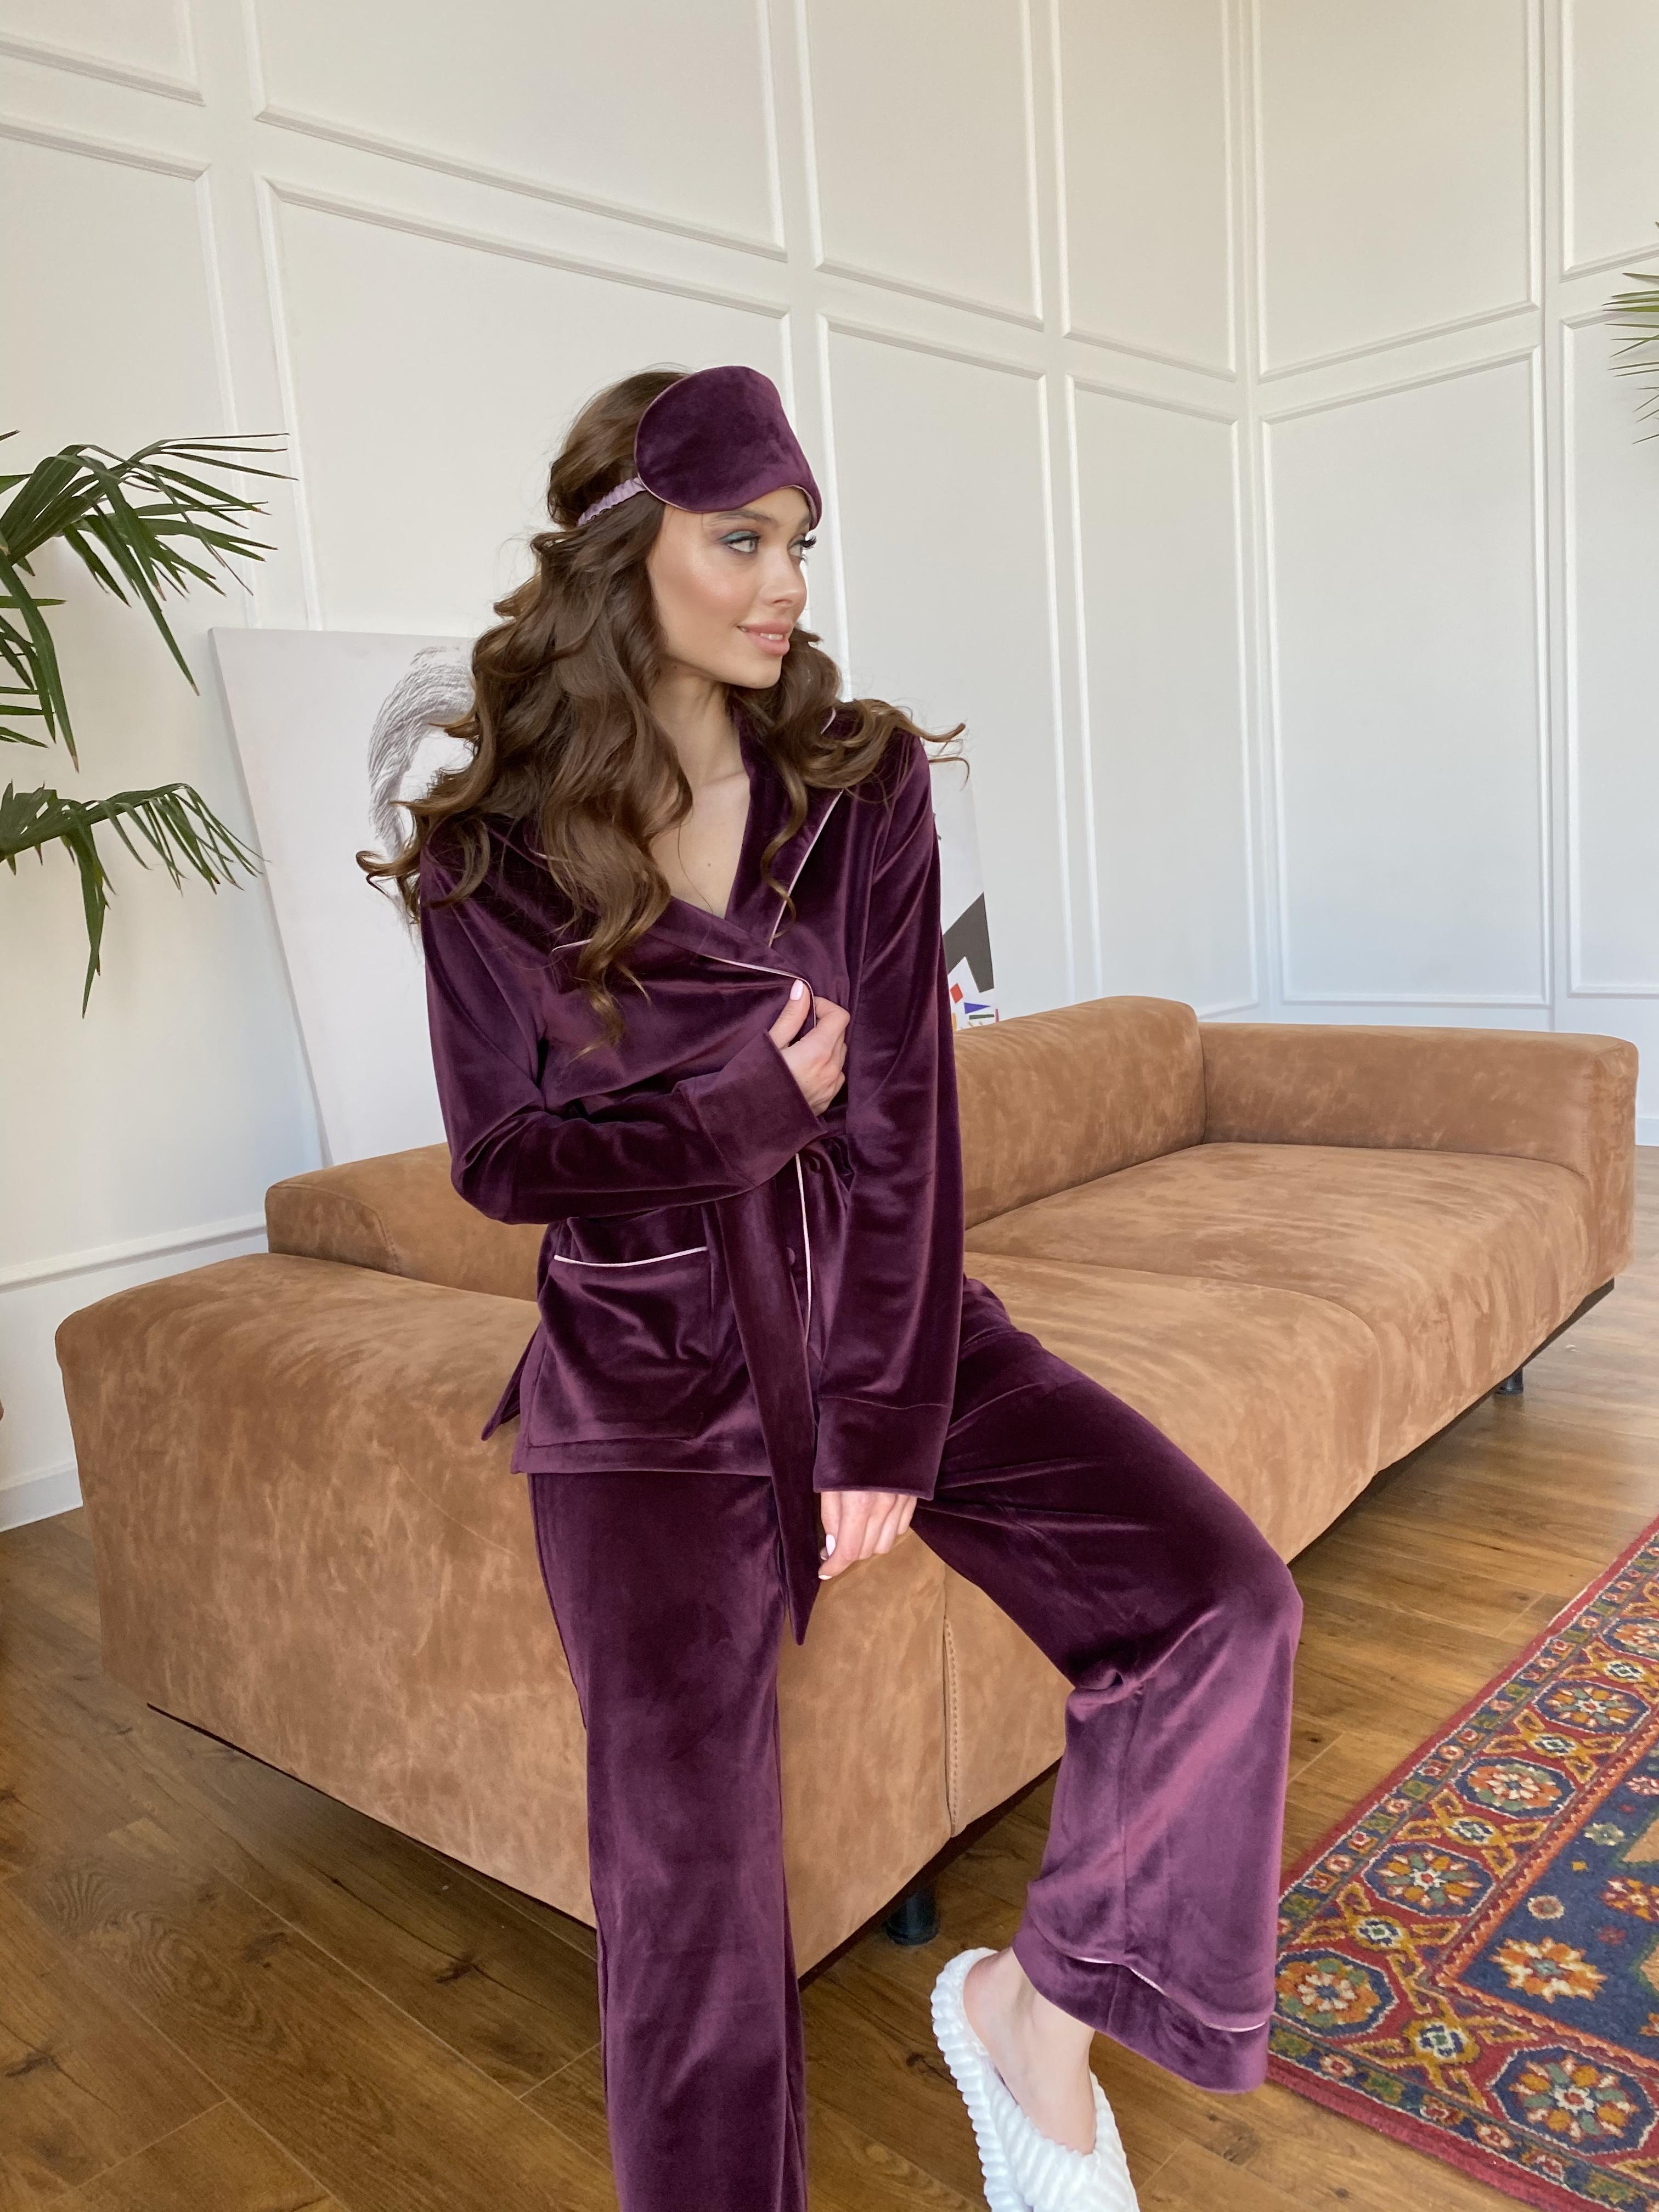 Оптом женские костюмы от Modus Шайн пижама велюр жакет брюки маска для сна 10353